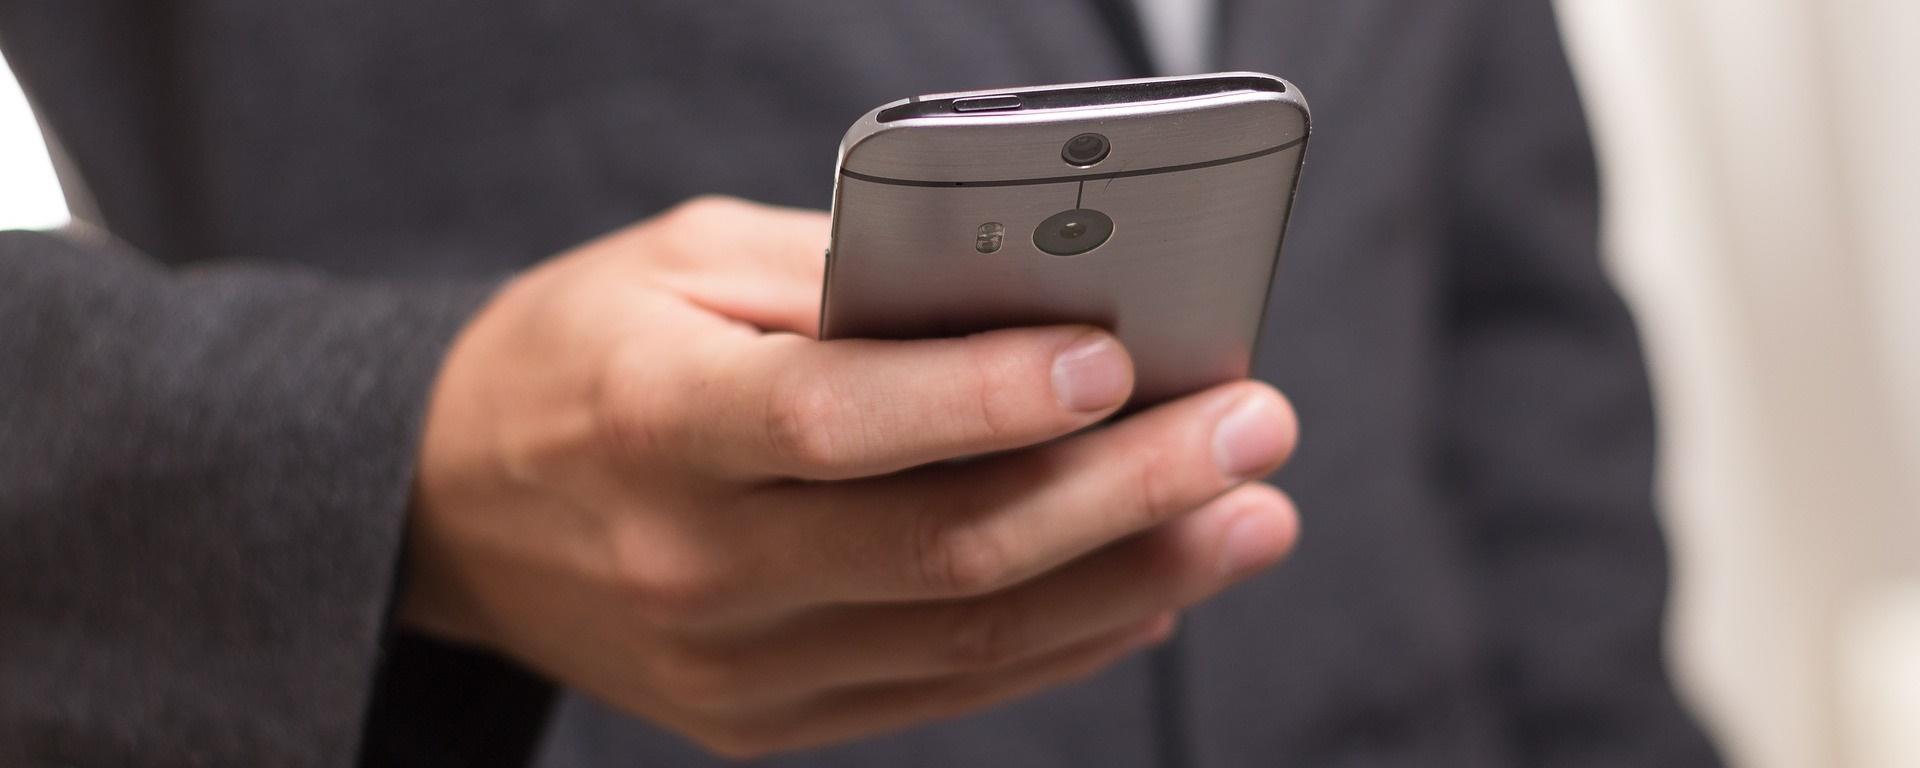 Operadoras virtuais Veek Telecom e Movttel iniciam vendas no próximo mês